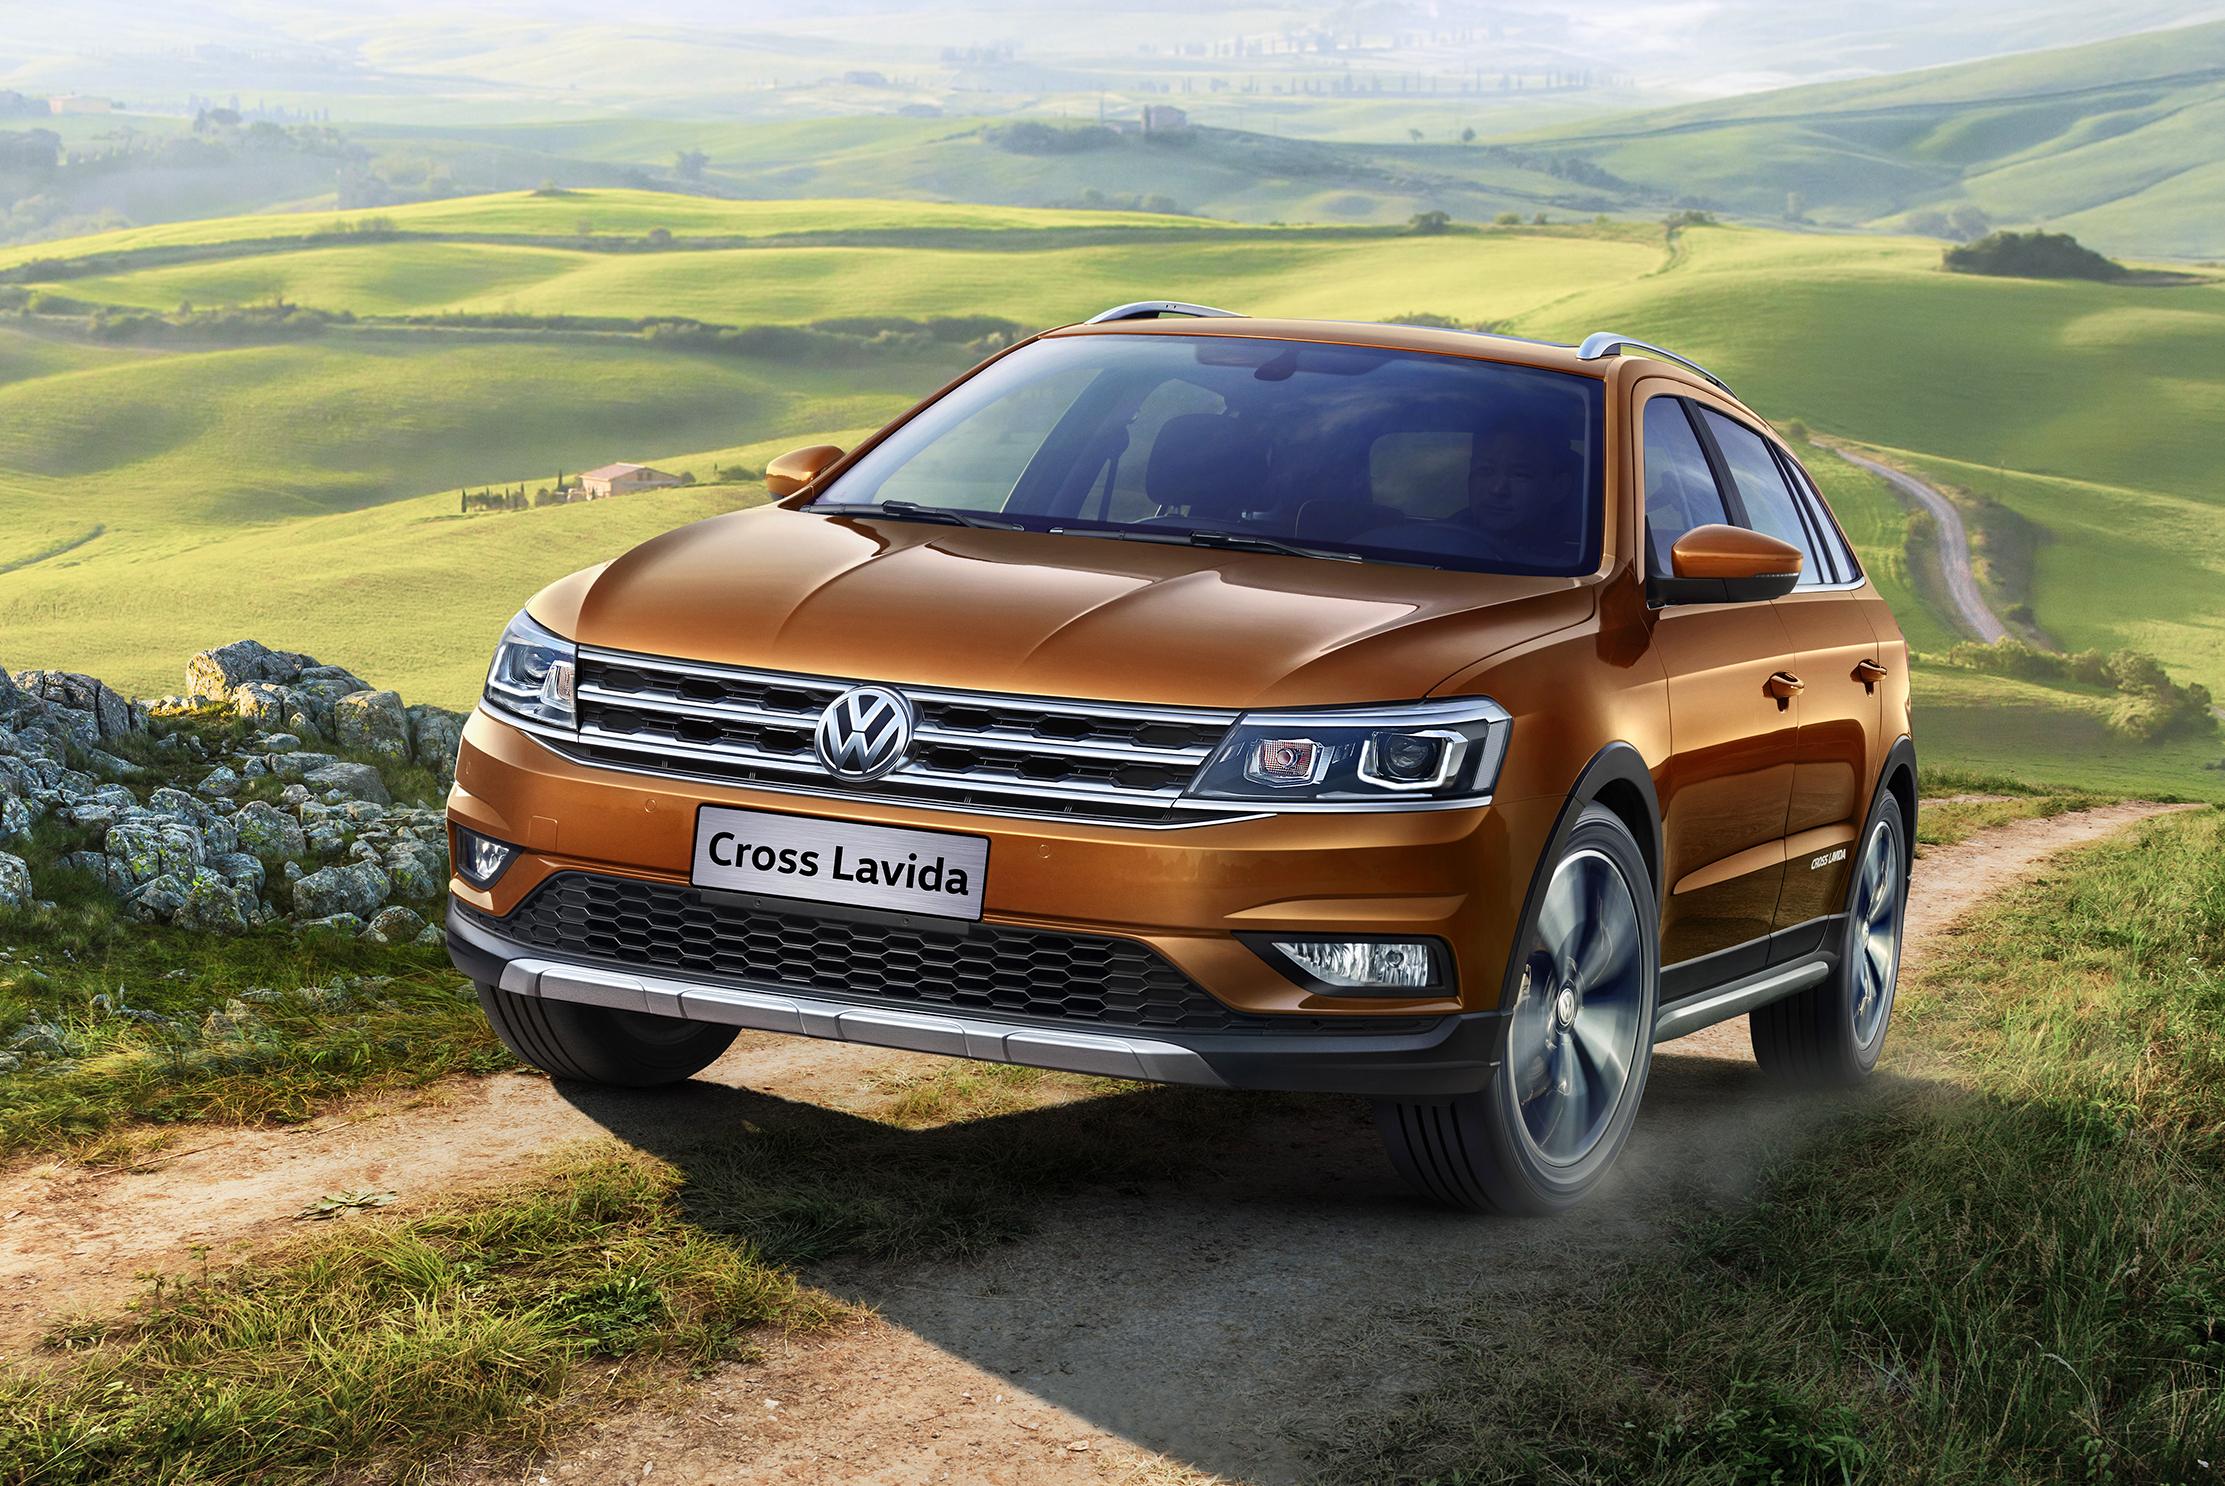 Volkswagen Cross Lavida